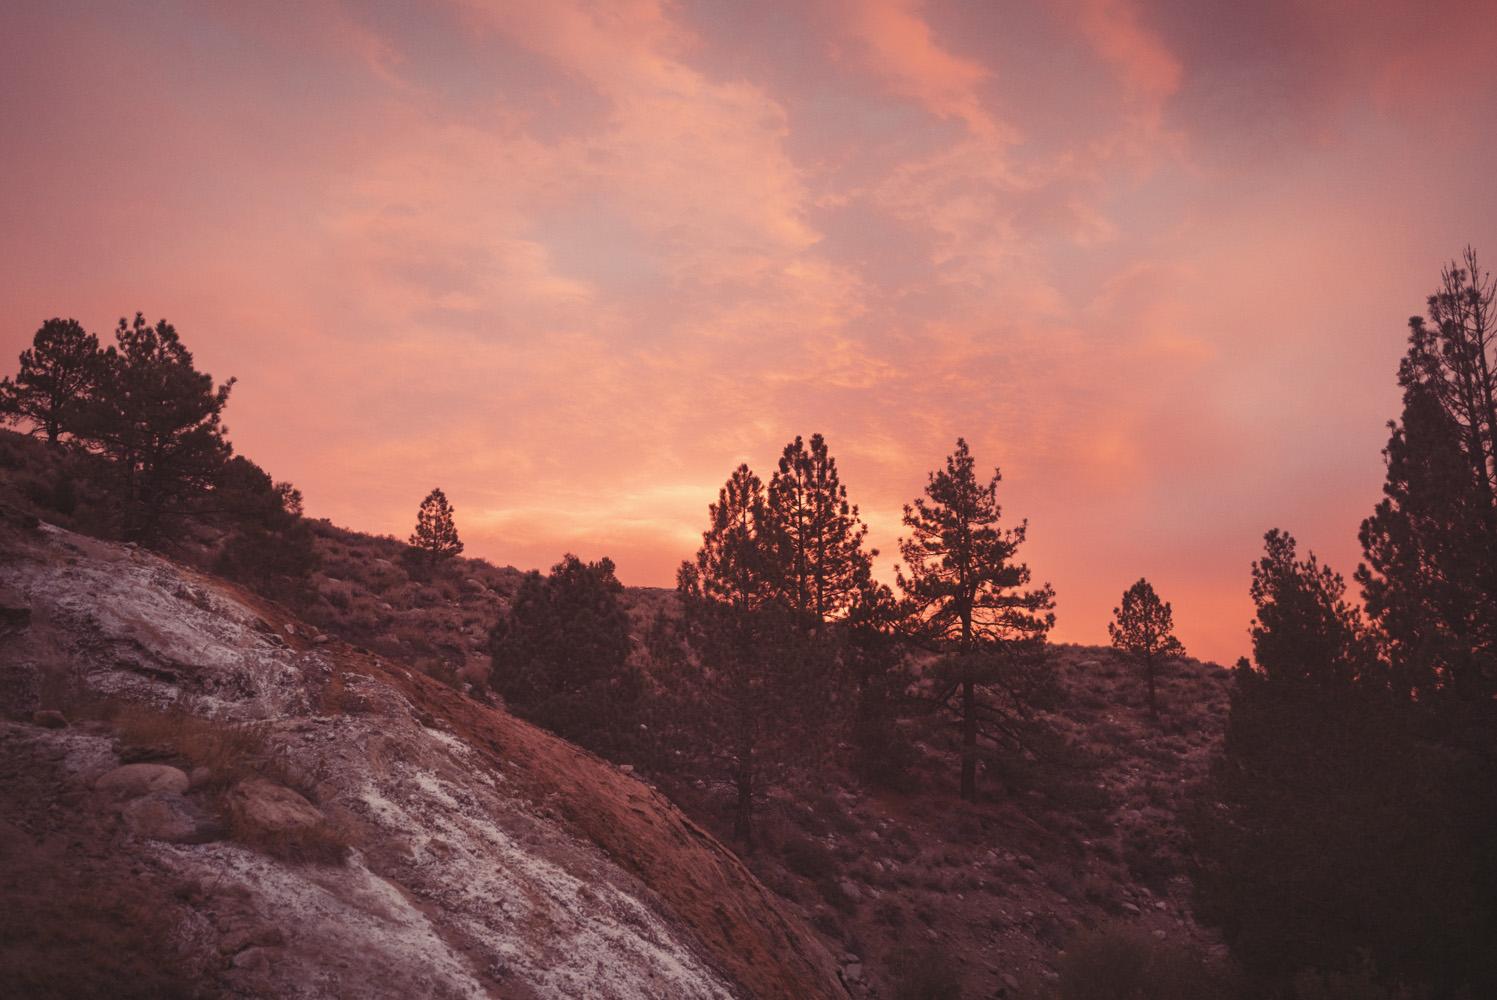 DSC00581_SunsetTubsF.jpg